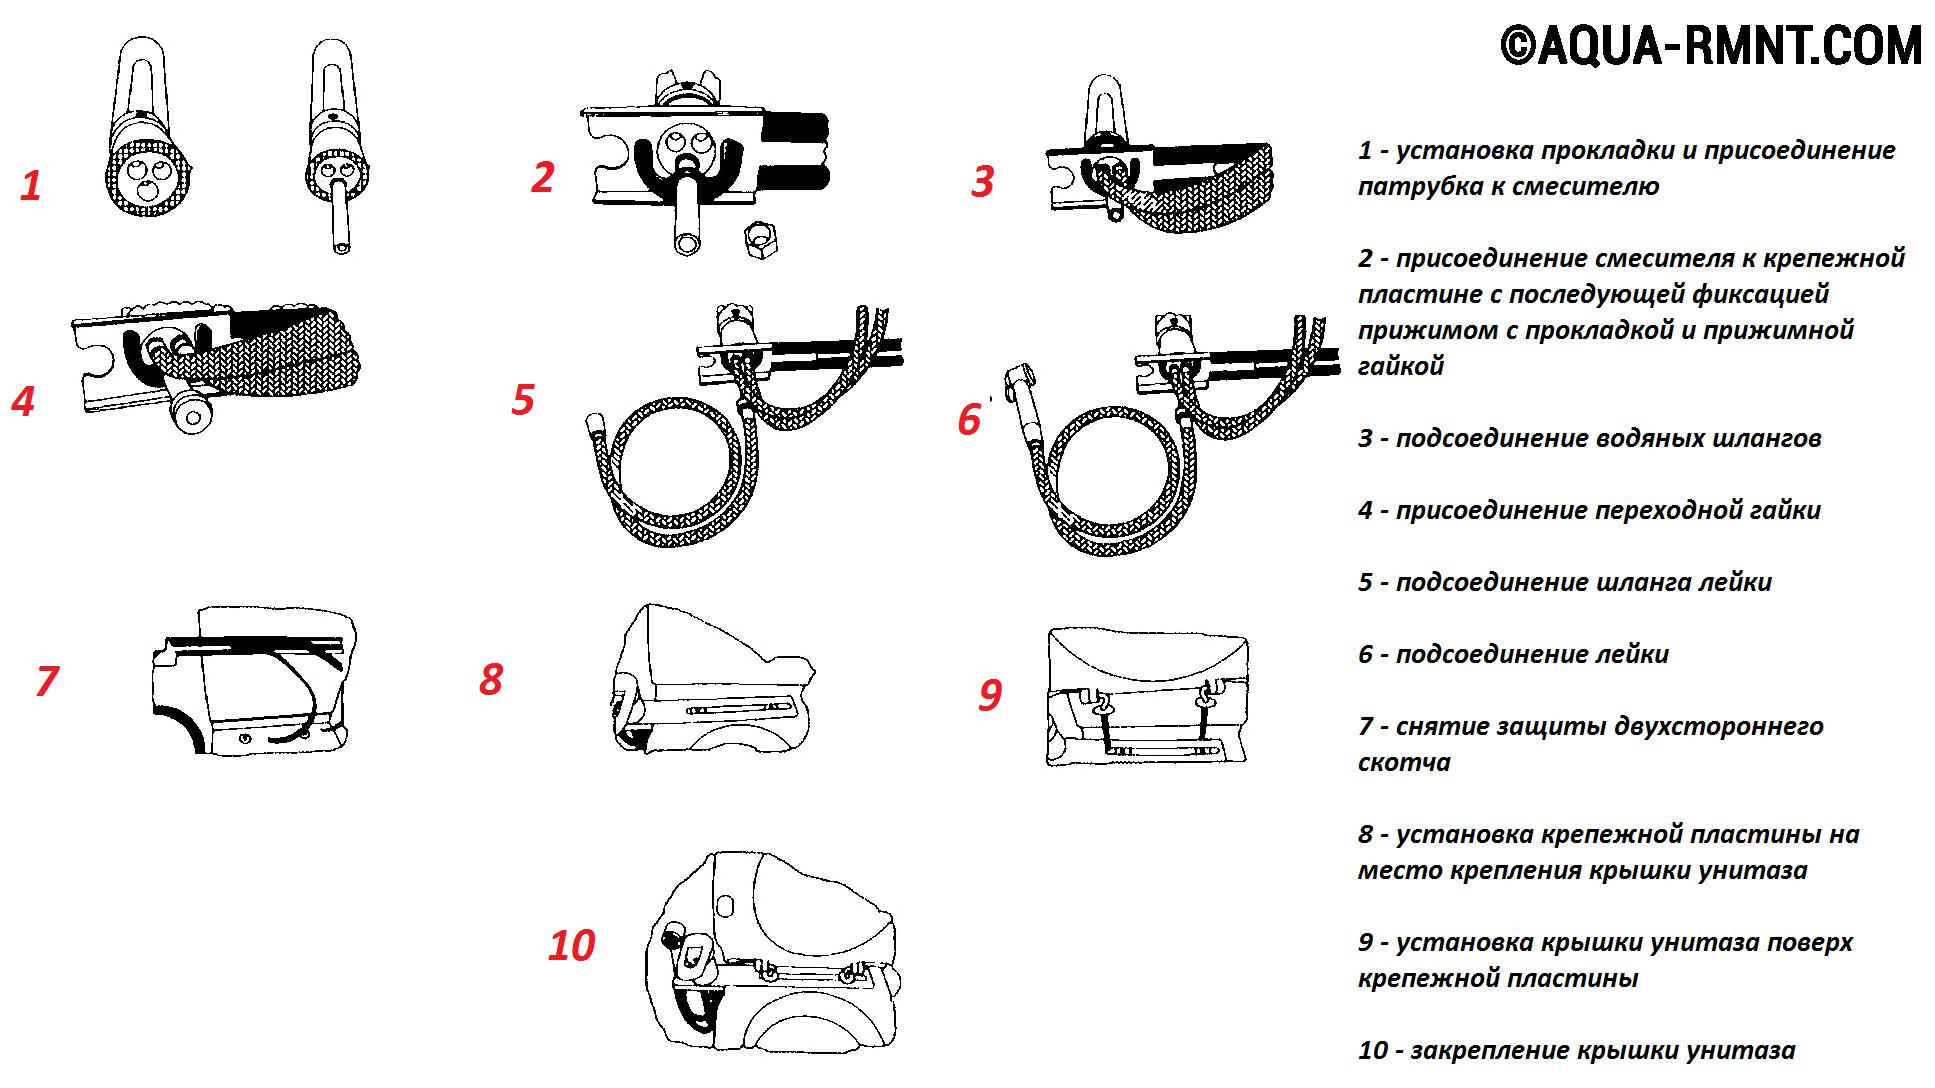 инструкция по установке встроенного в стену смесителя